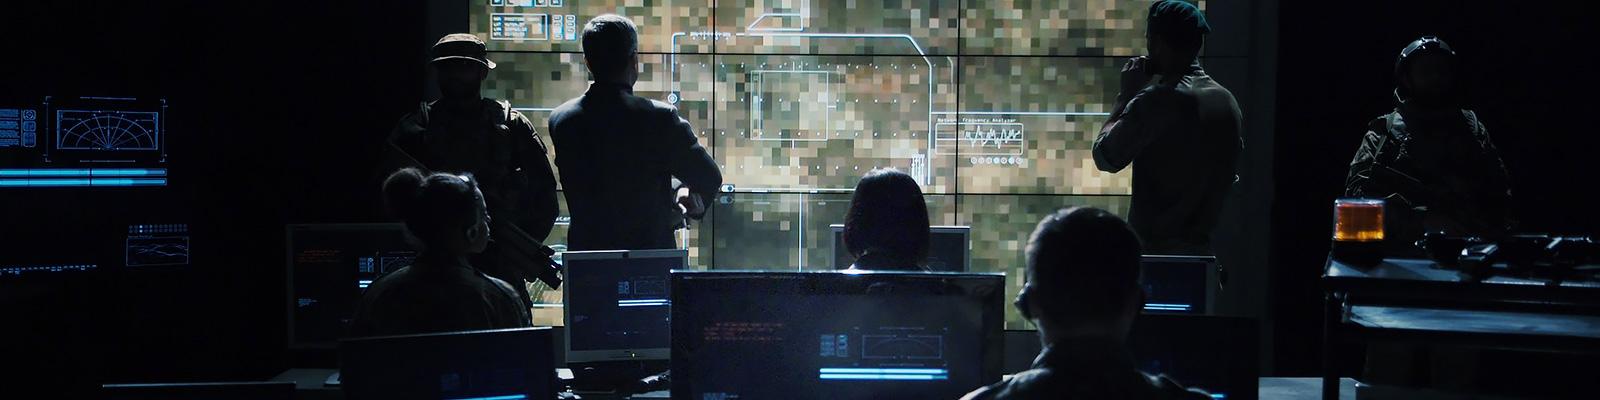 軍事 テクノロジー イメージ